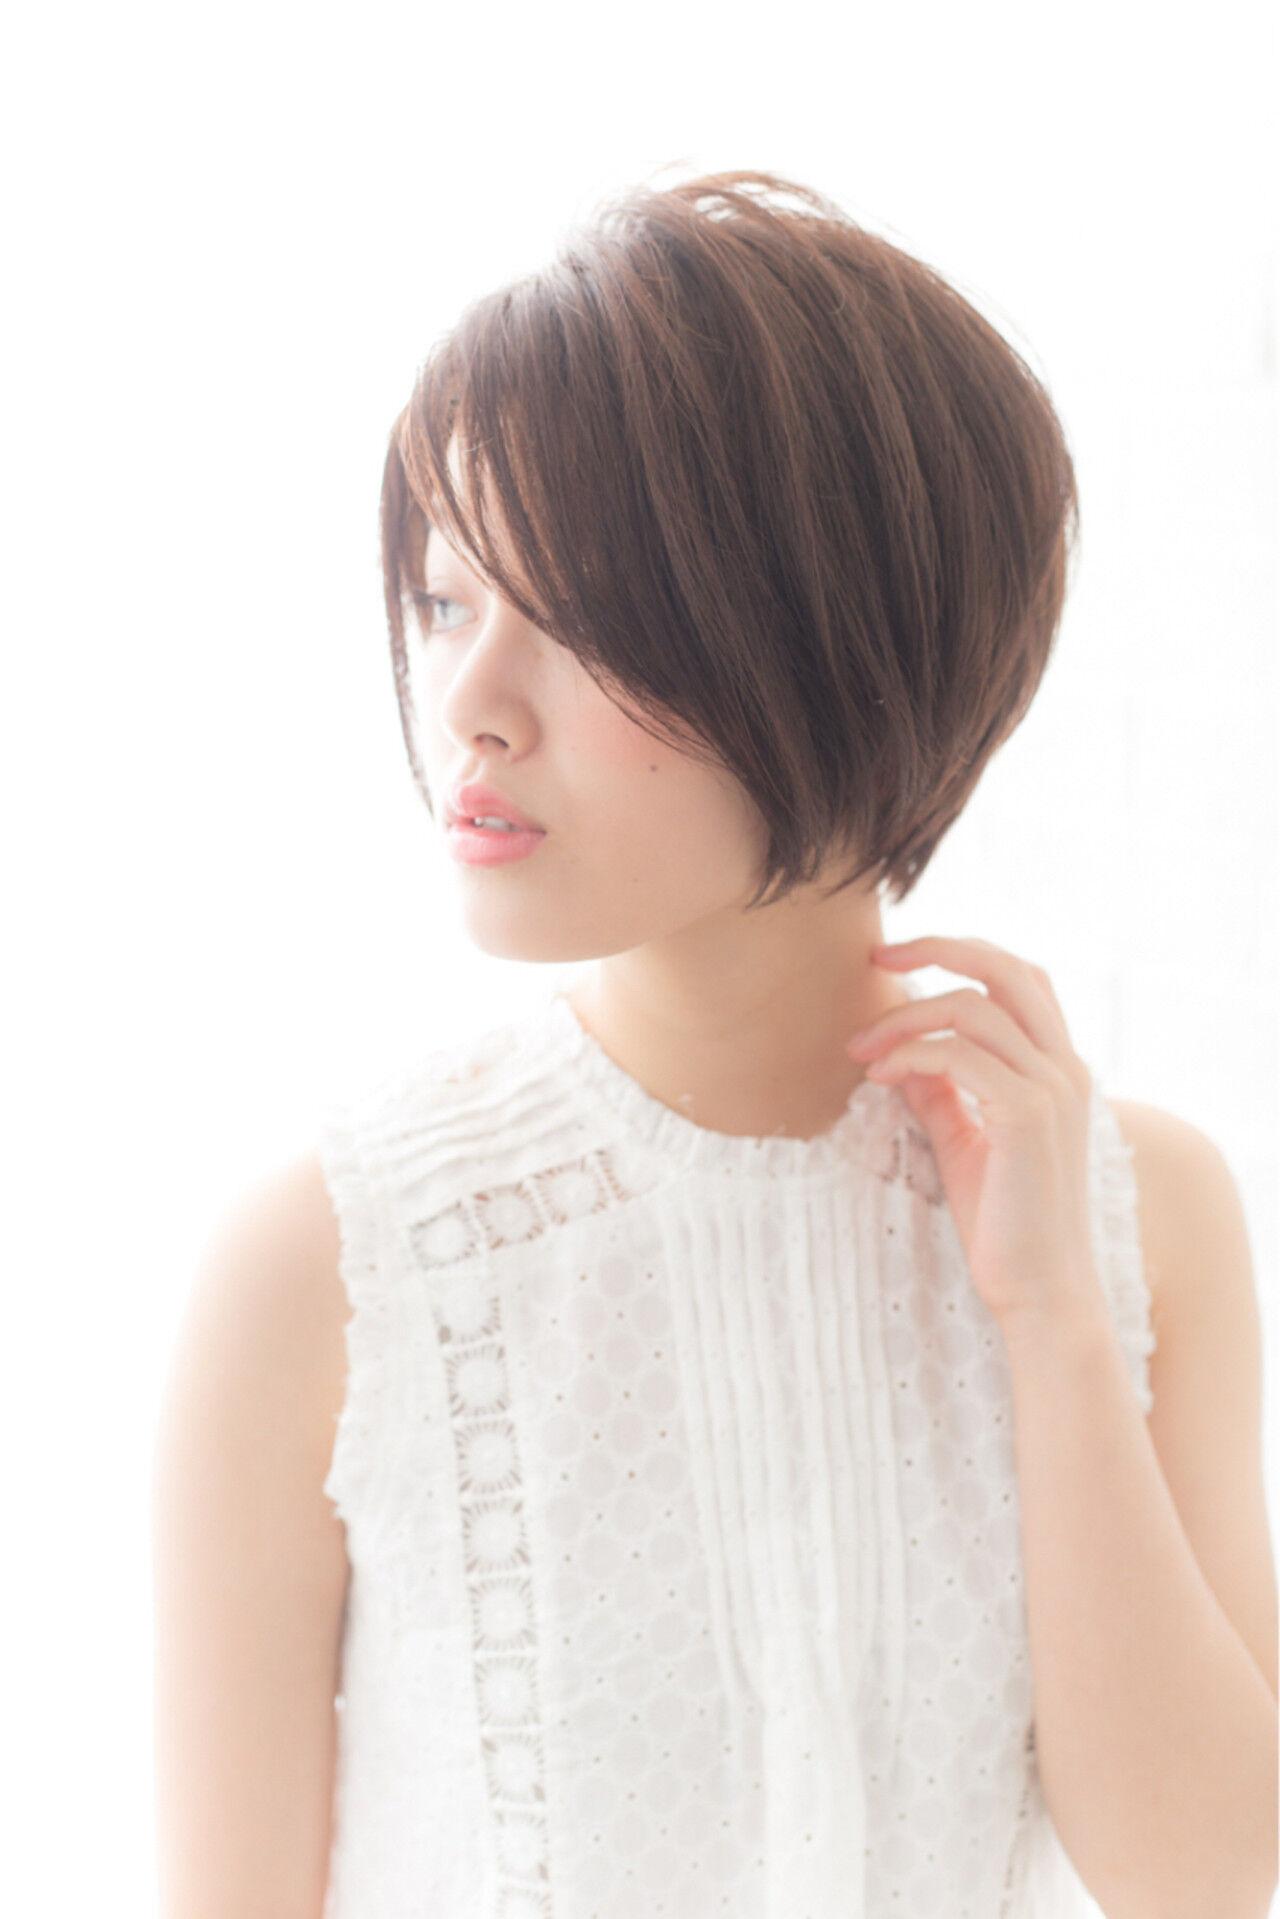 前髪あり 大人かわいい 暗髪 ショートボブヘアスタイルや髪型の写真・画像